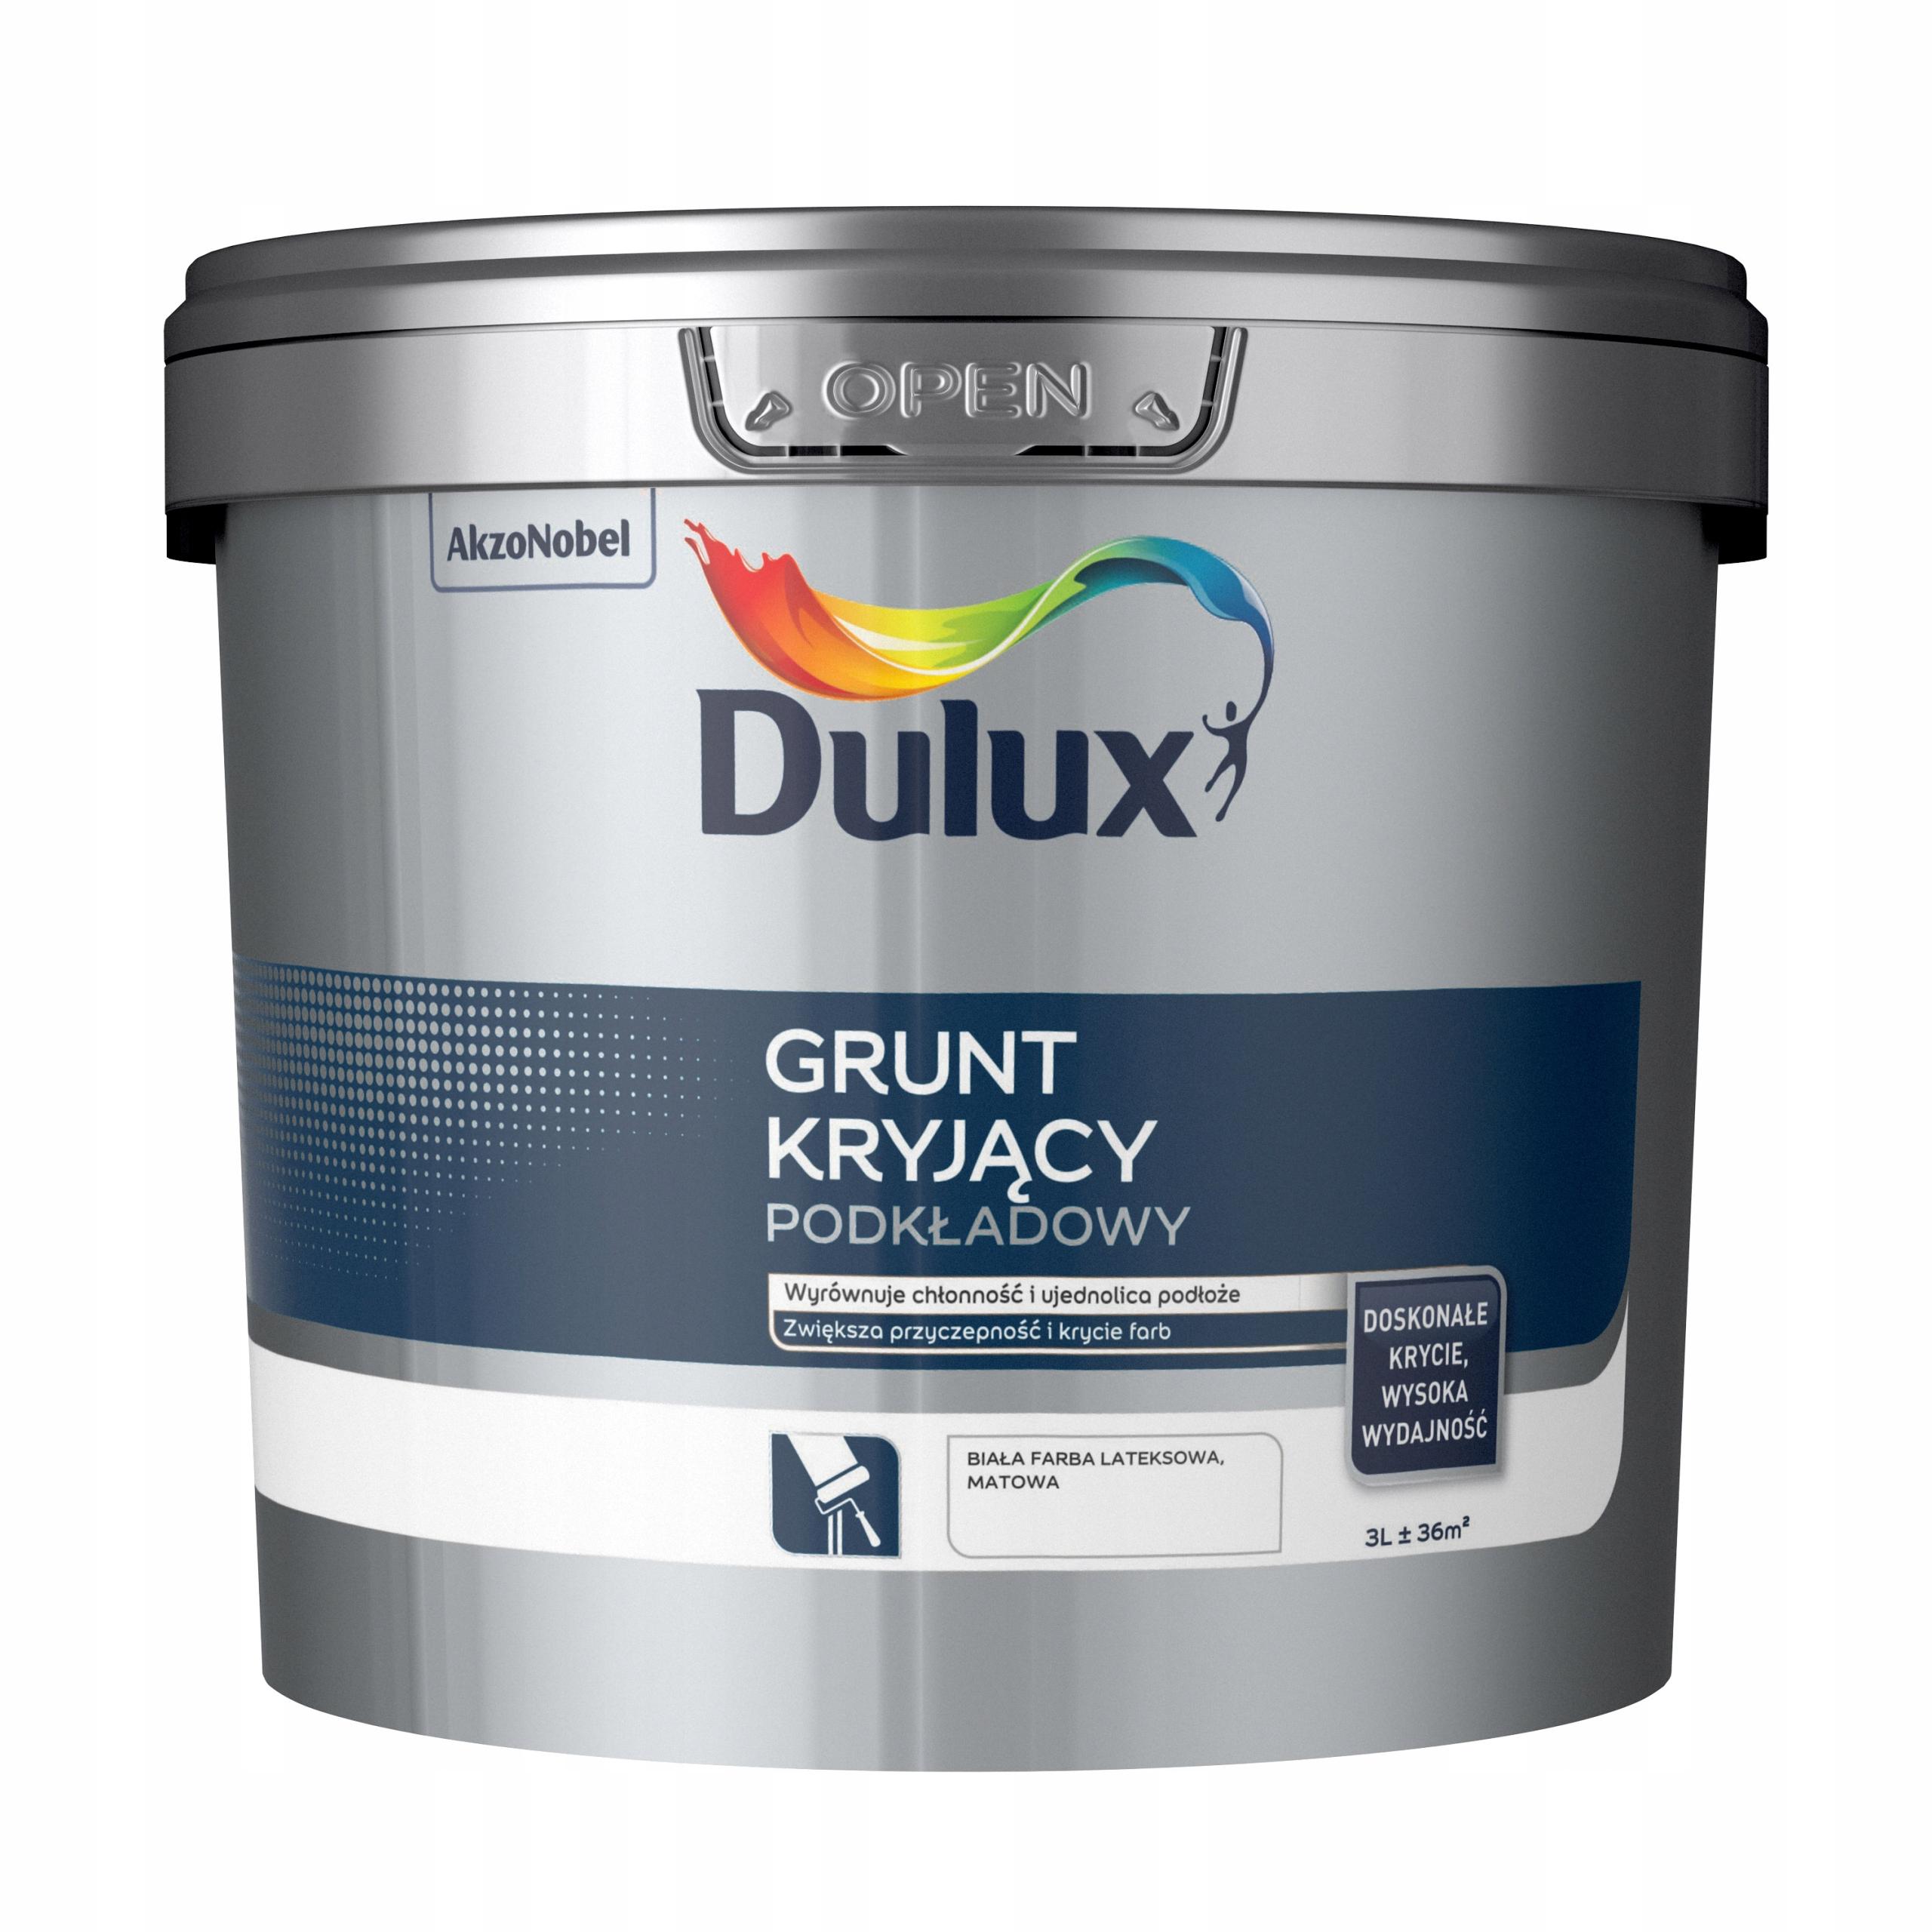 Dulux Grunt Kryjący Podkładowy 3L